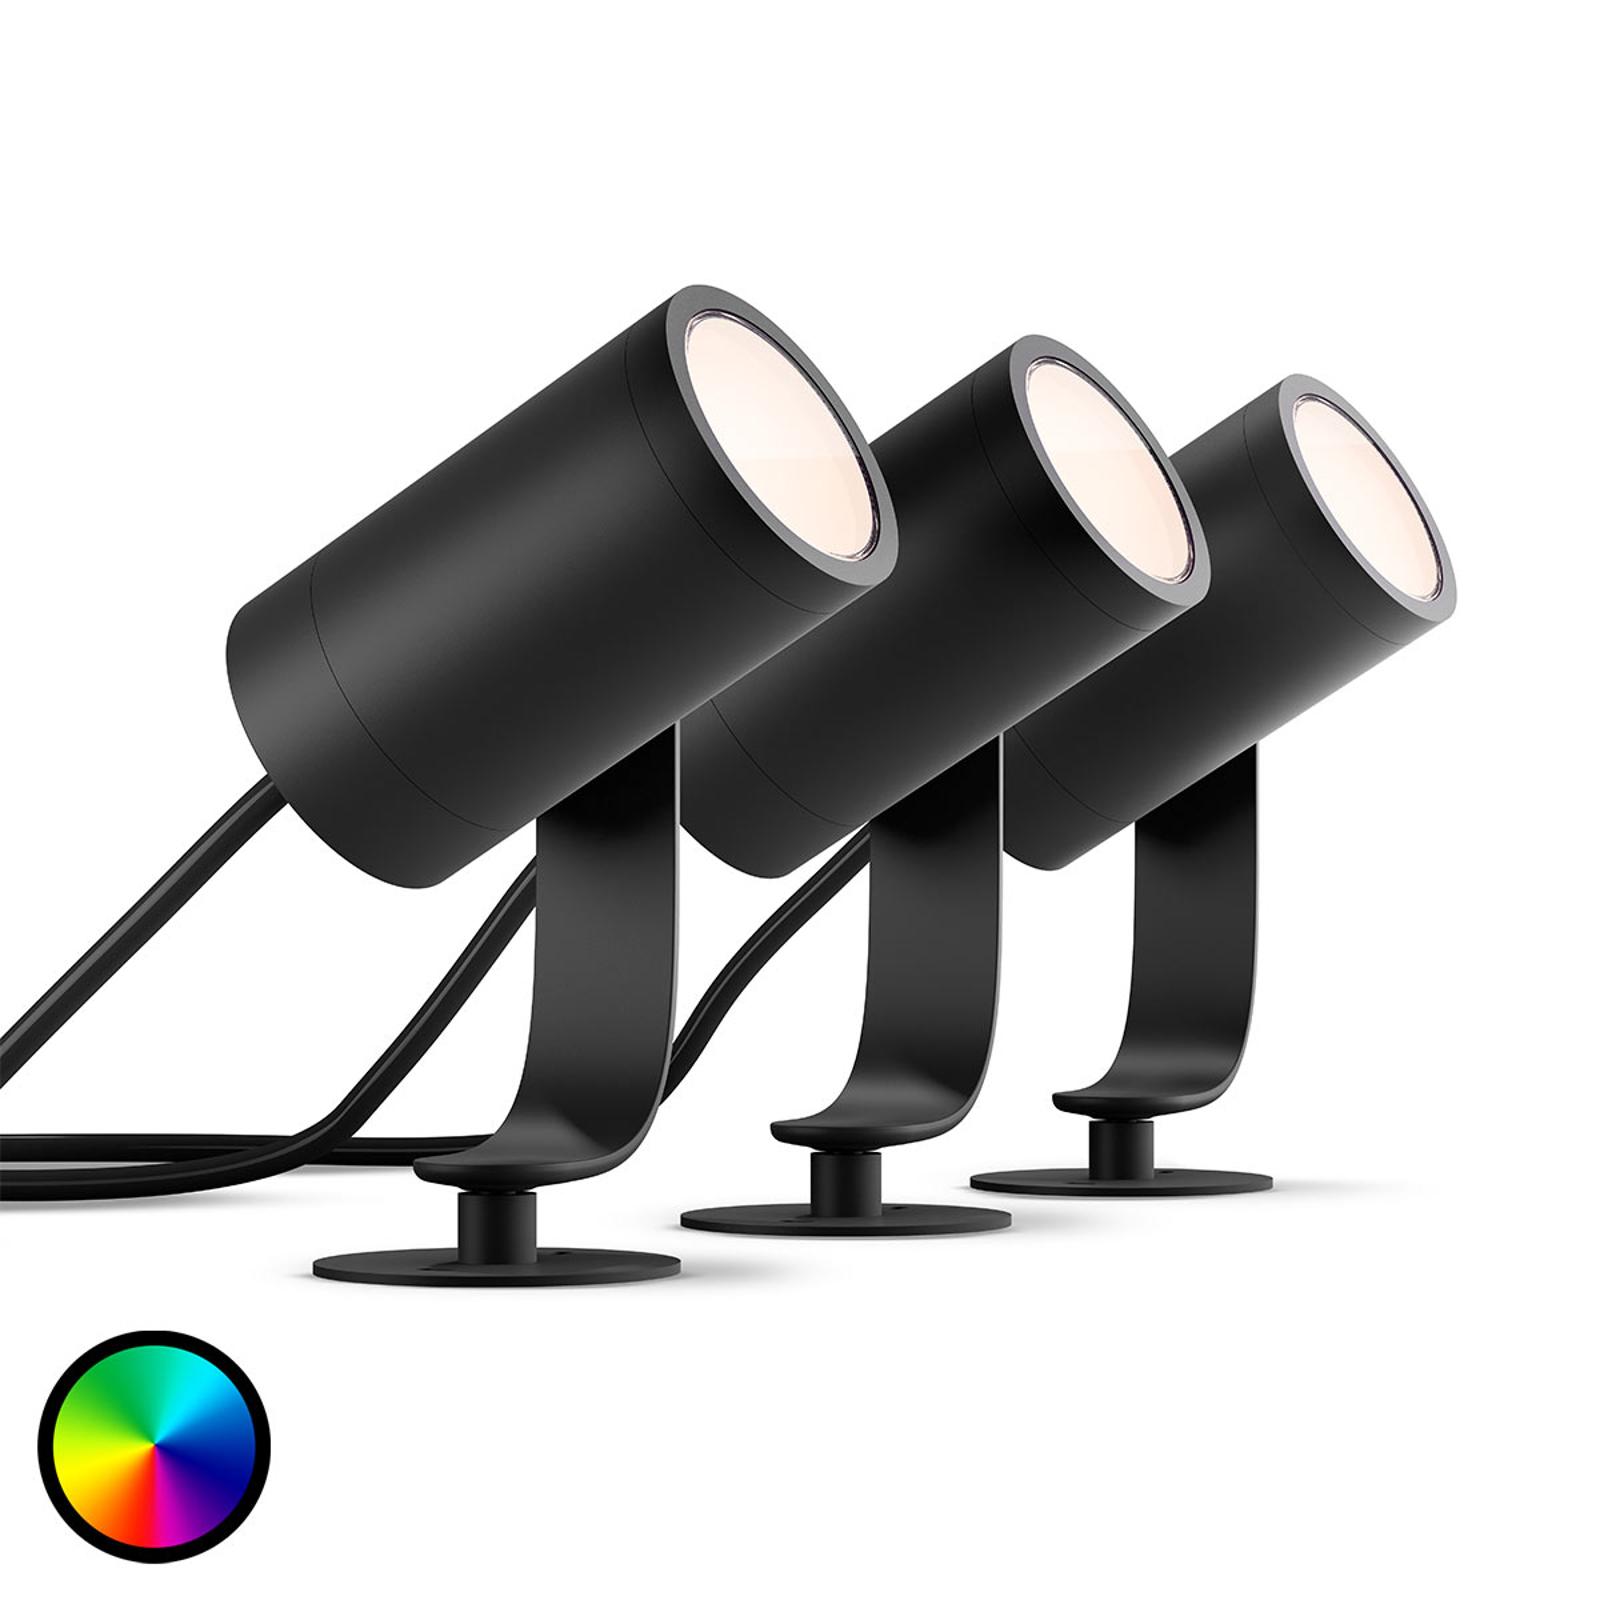 Philips Hue LED spot Lily in een set van 3